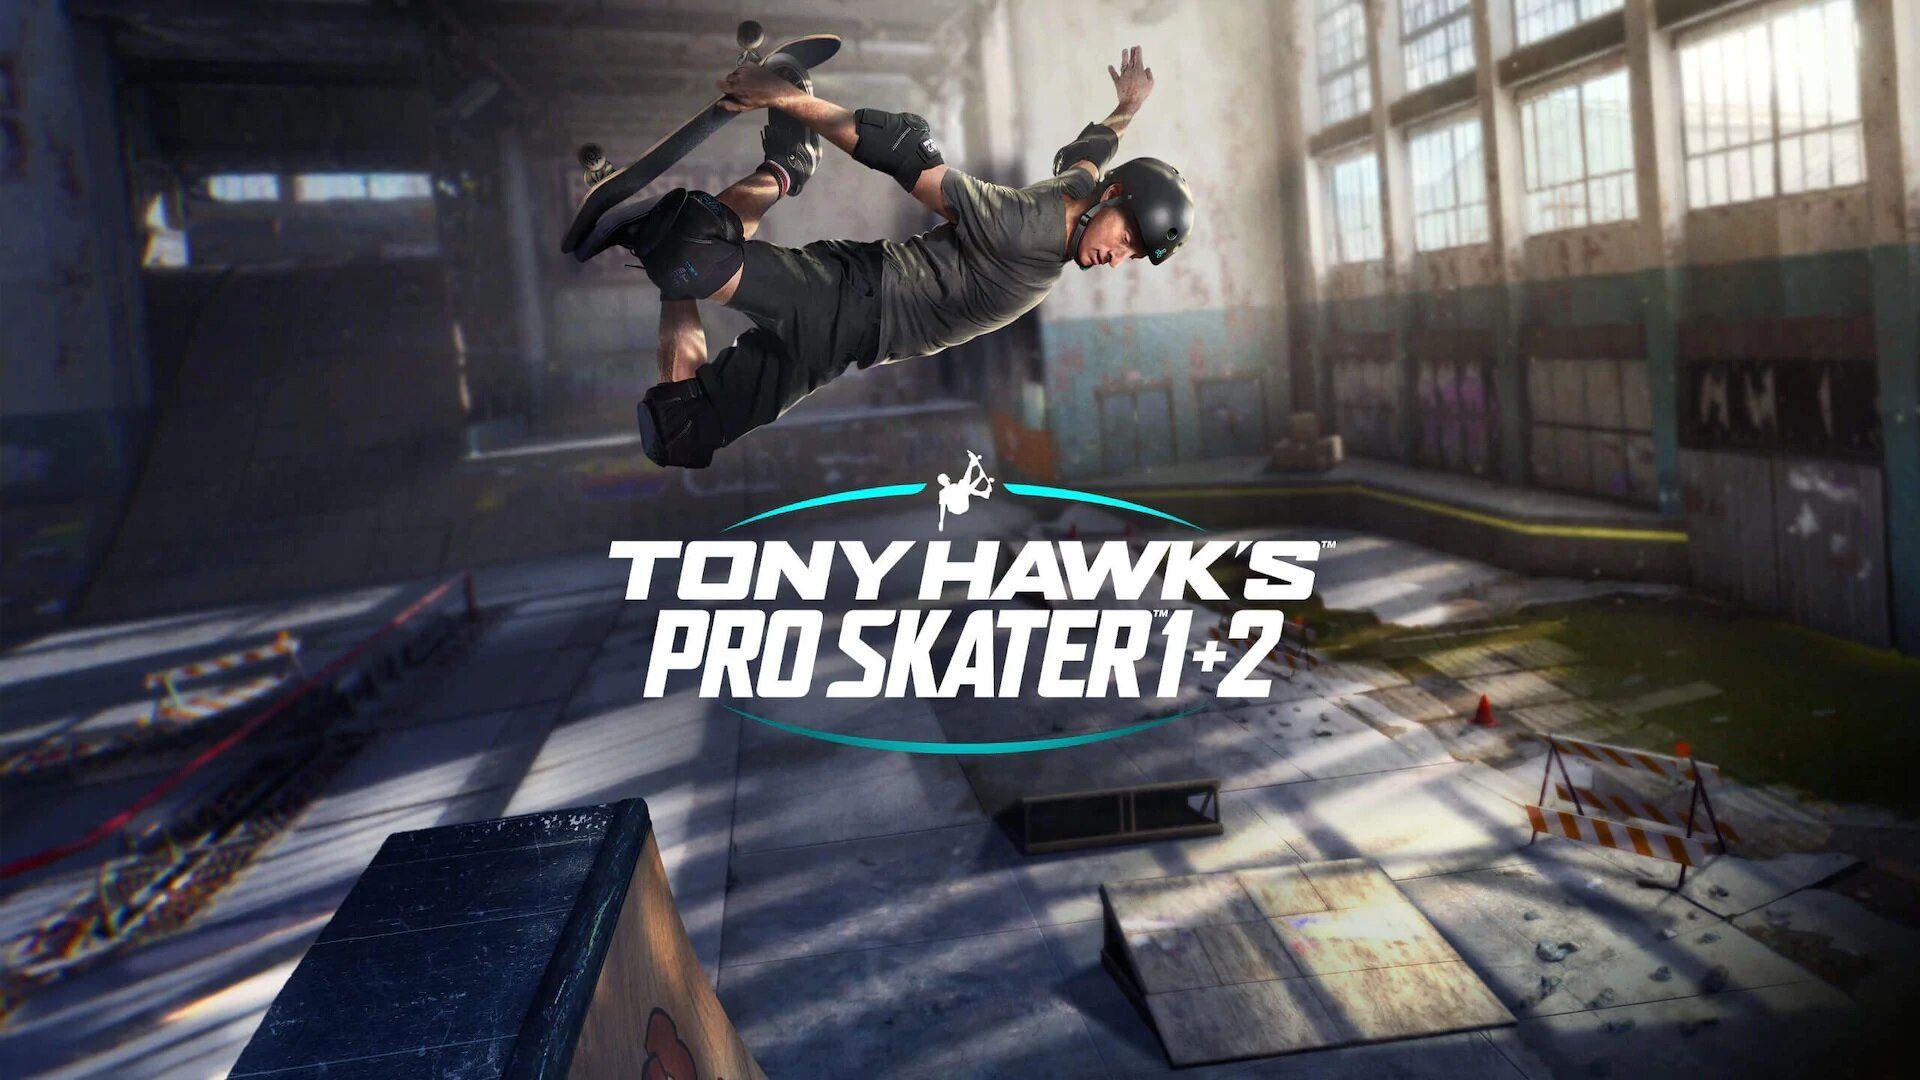 معرفی بازی Tony Hawk's Pro Skater 1 + 2 برای کنسول های نسل ۹